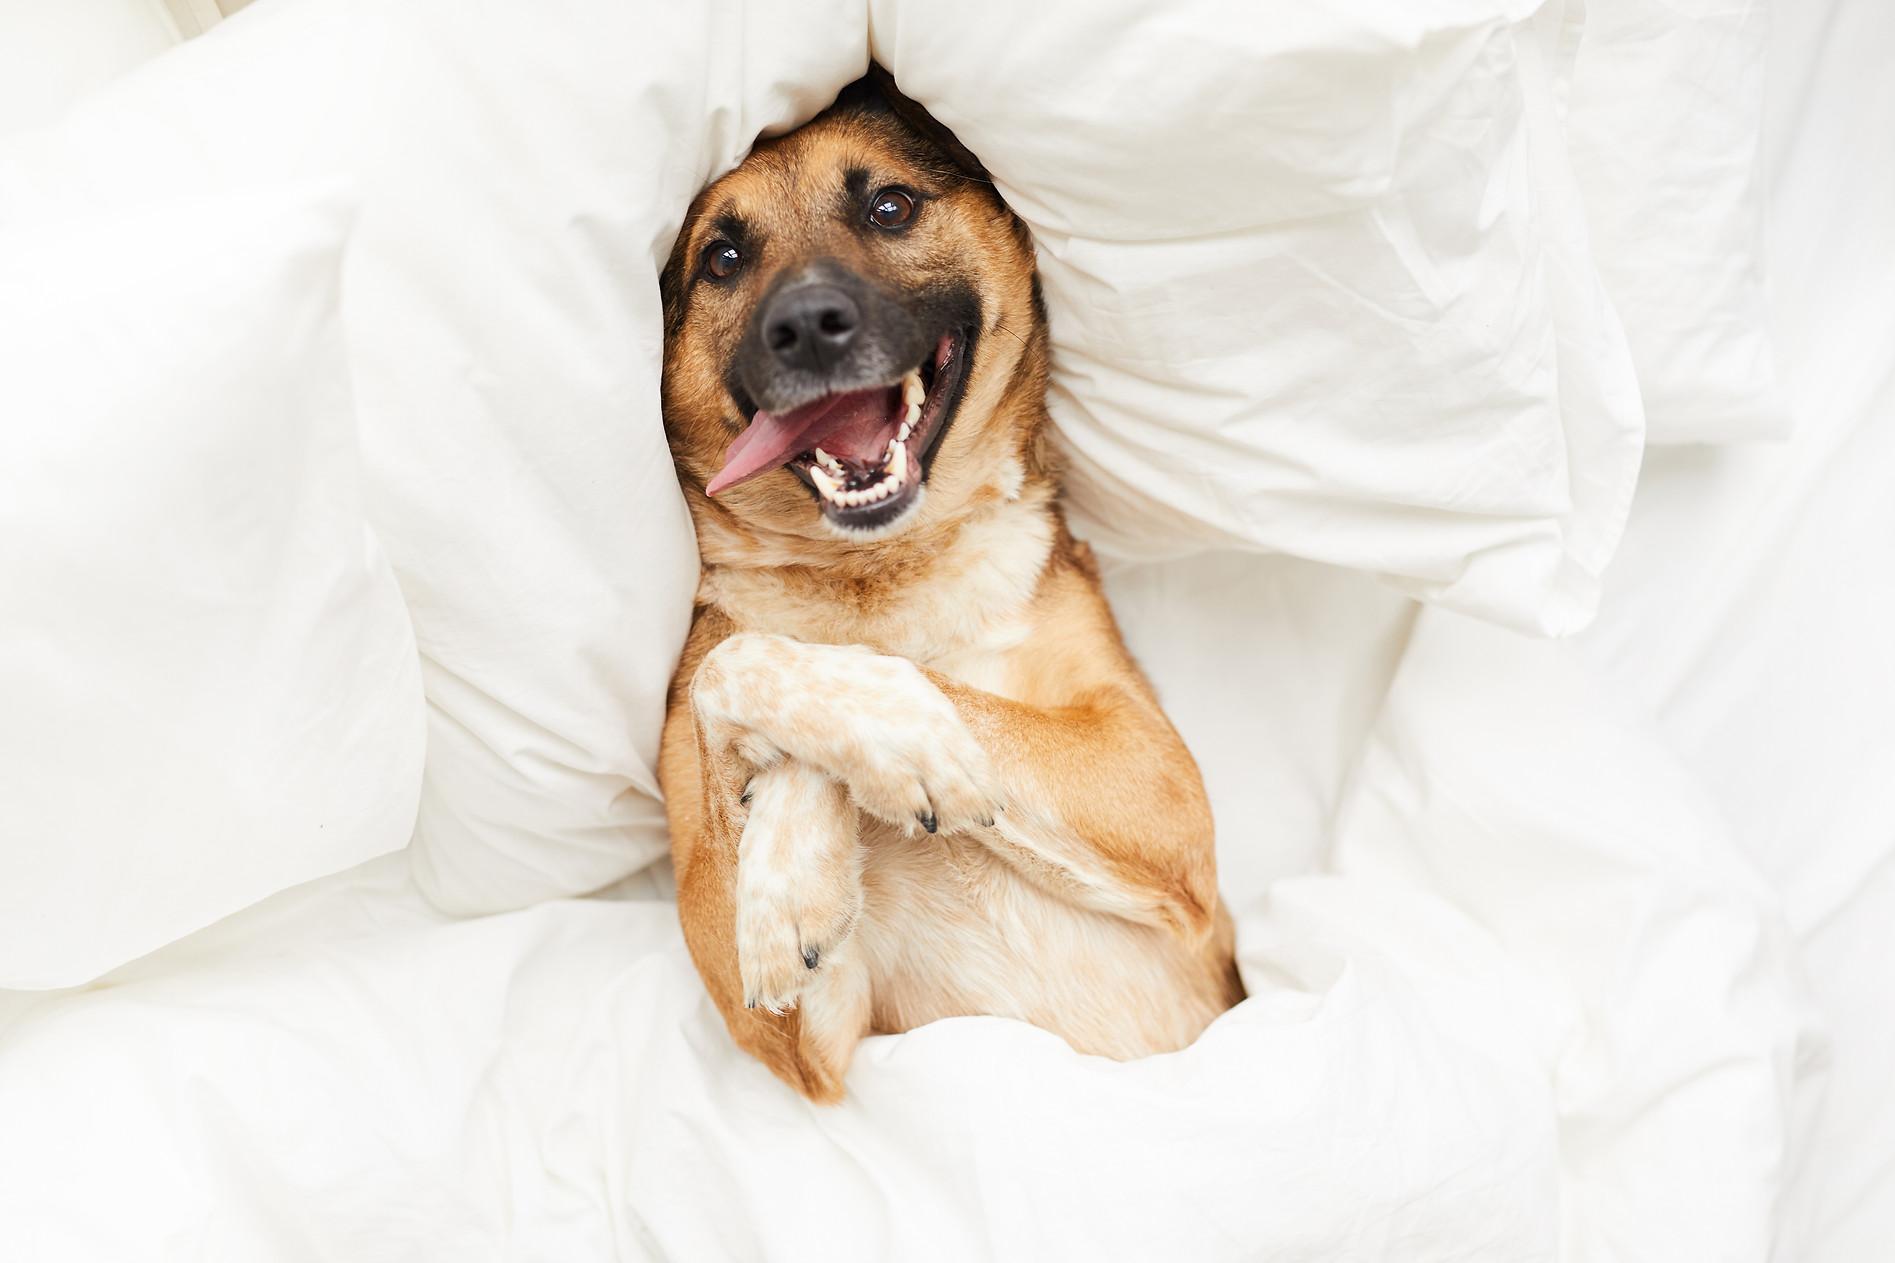 106363769-happy-dog-lying-comfortable-be